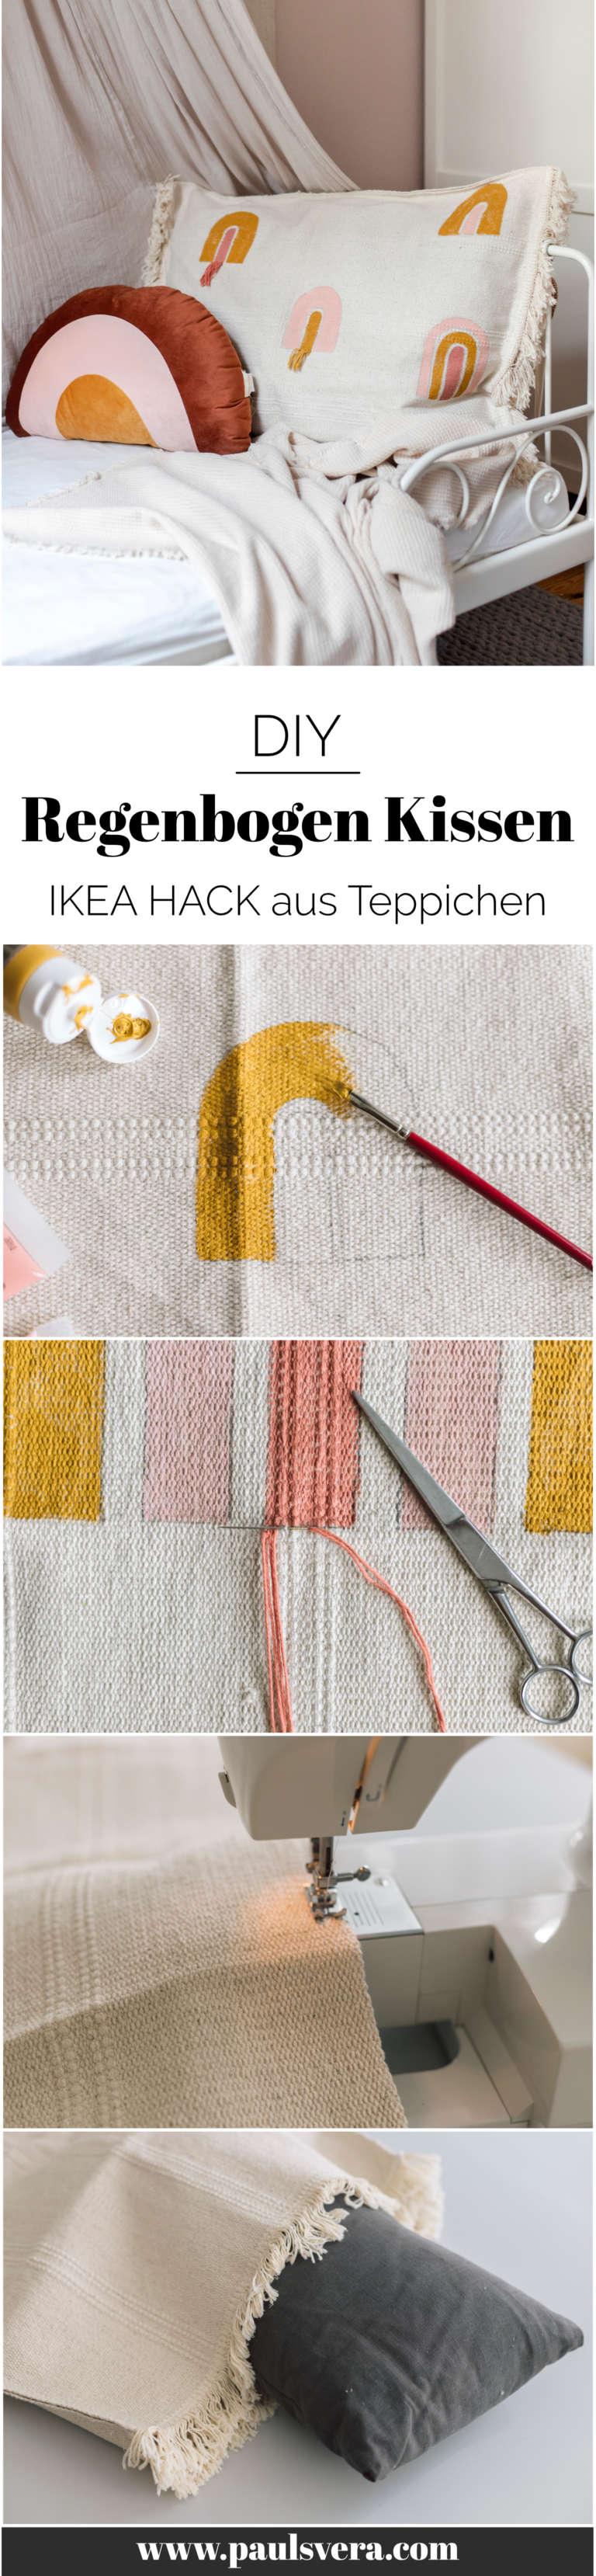 Ikea Hack Teppich Kissen Regenbogen Kinderzimmer Selber Machen Bodenkissen